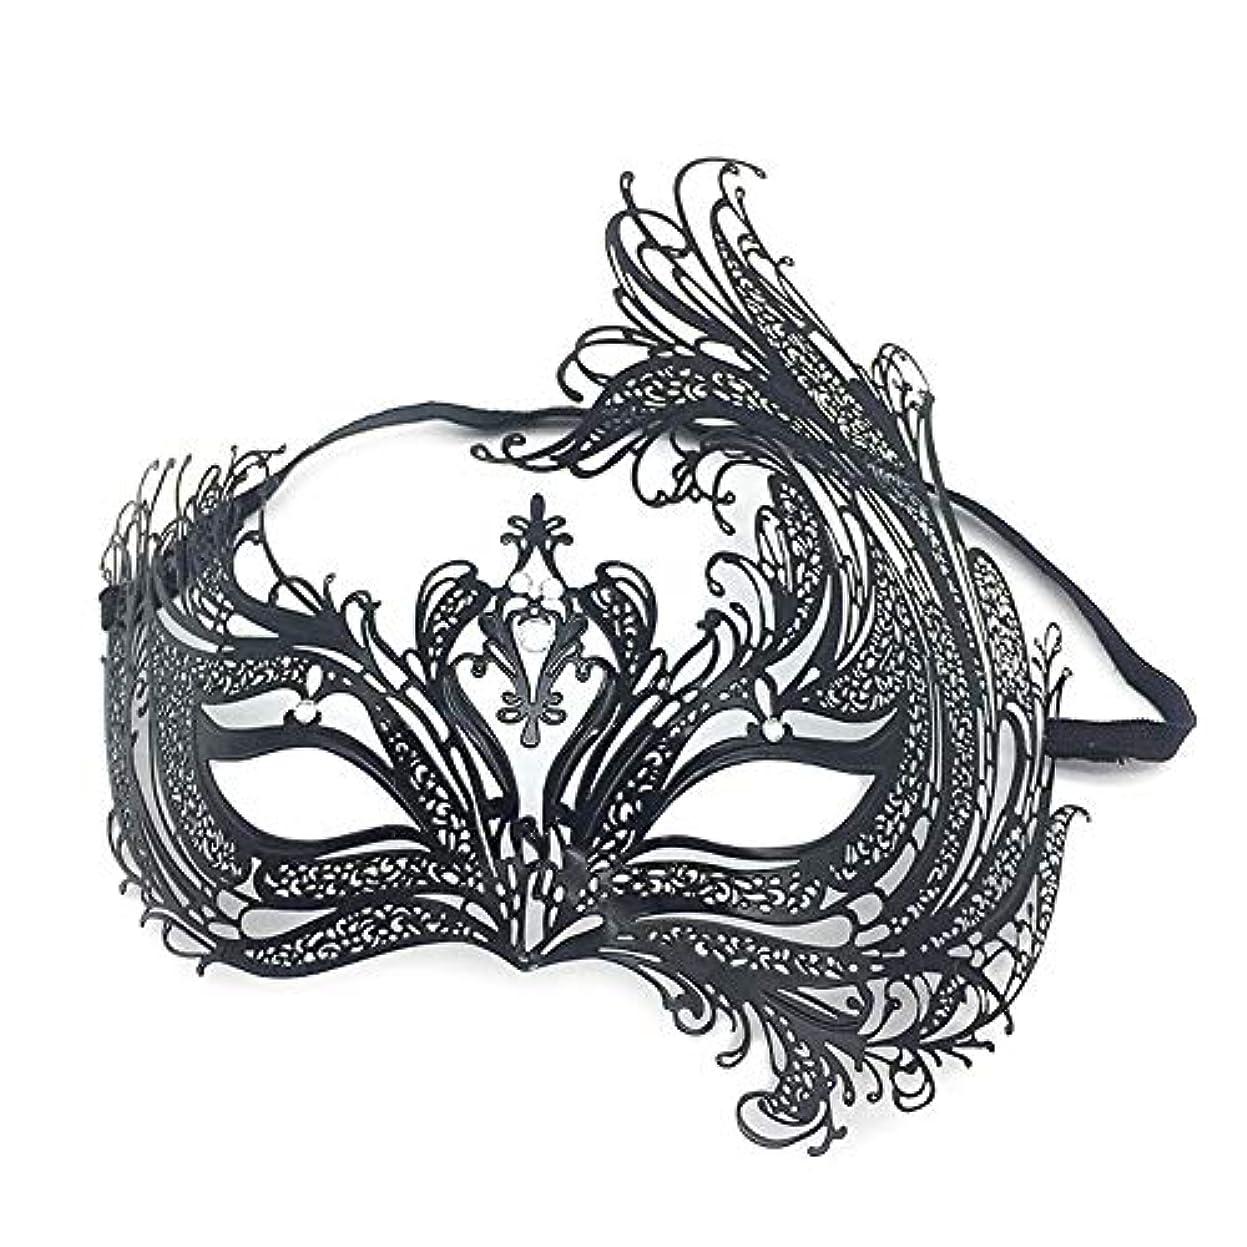 モーテルいろいろホテルダンスマスク 仮面舞踏会パーティーブラックセクシーハーフフェイスフェニックスハロウィーンロールプレイングメタルマスクガール ホリデーパーティー用品 (色 : ブラック, サイズ : 20x19cm)